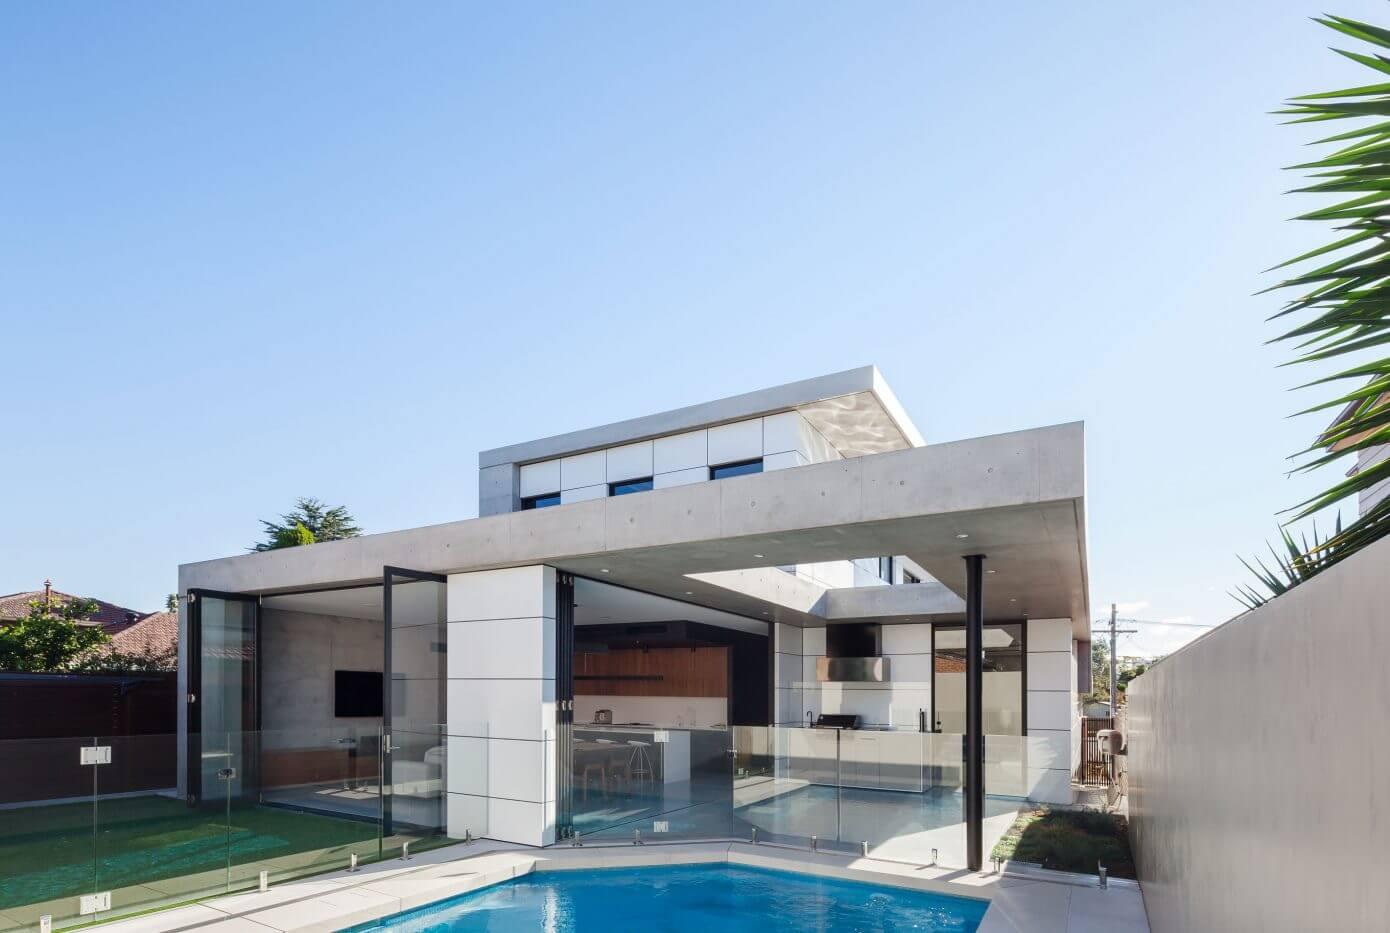 Concord House by Studio Benicio « HomeAdore